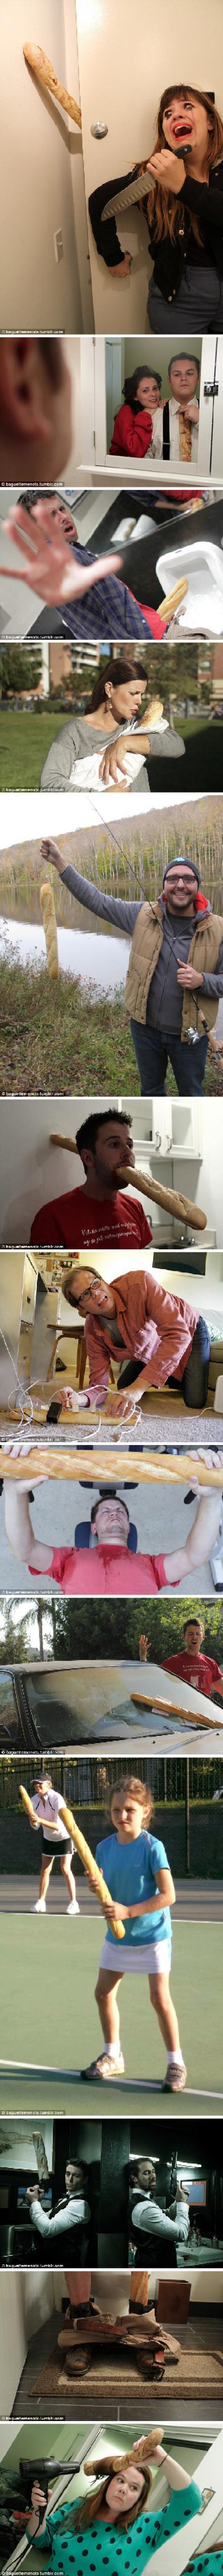 最近,法国长面包成为西方网络世界最火热的话题之一。网民们纷纷把这种形状有趣的食物狠狠地拿来恶搞了一番。